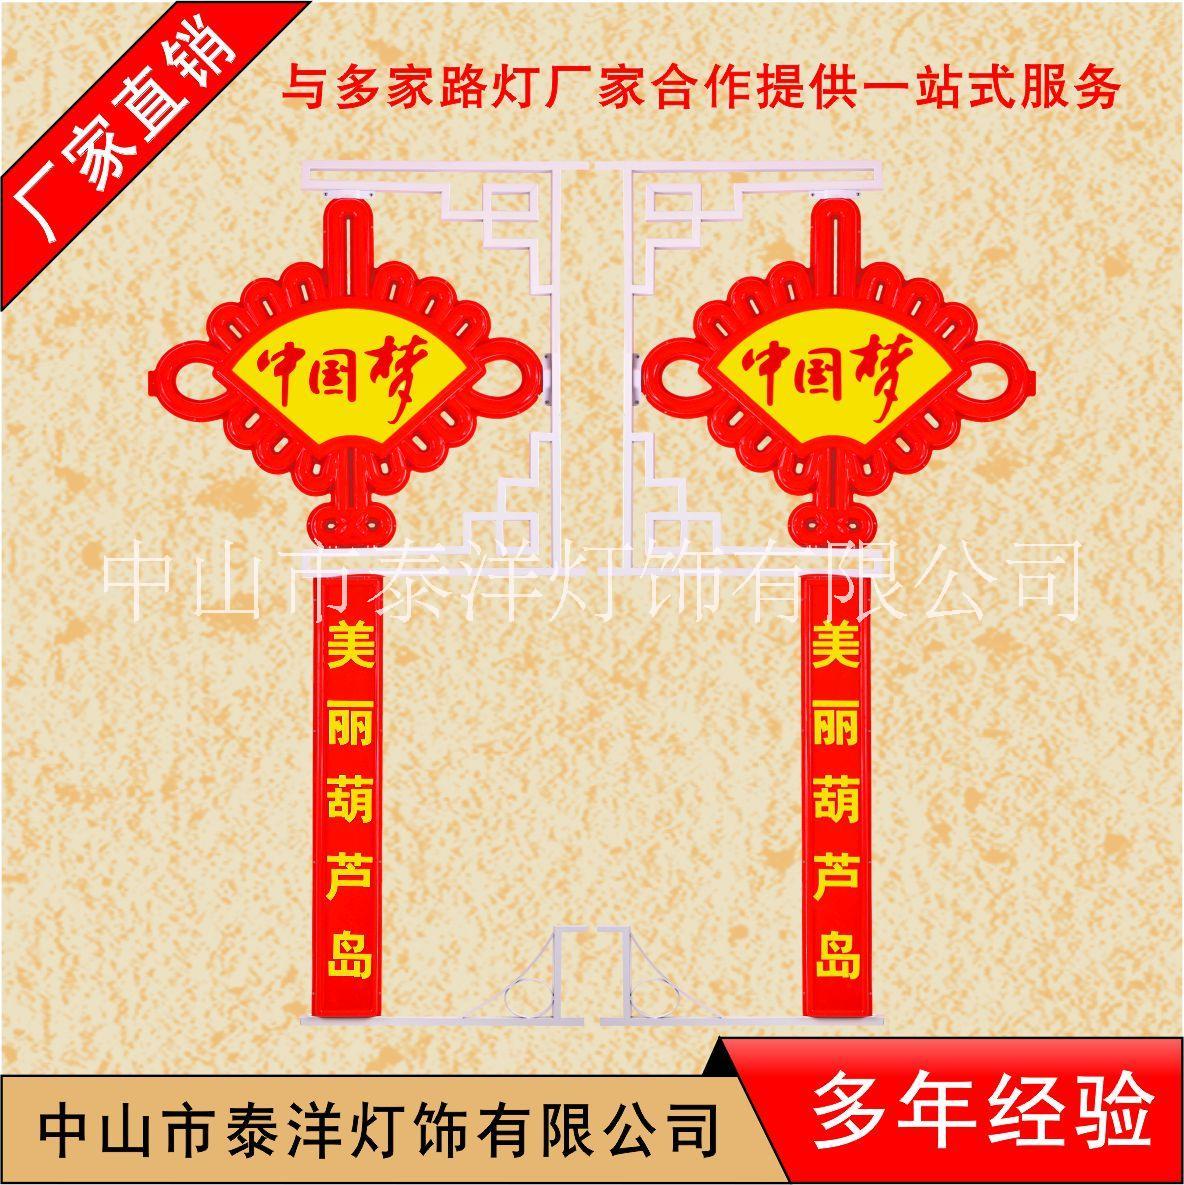 2米广告中国结扇形中国结